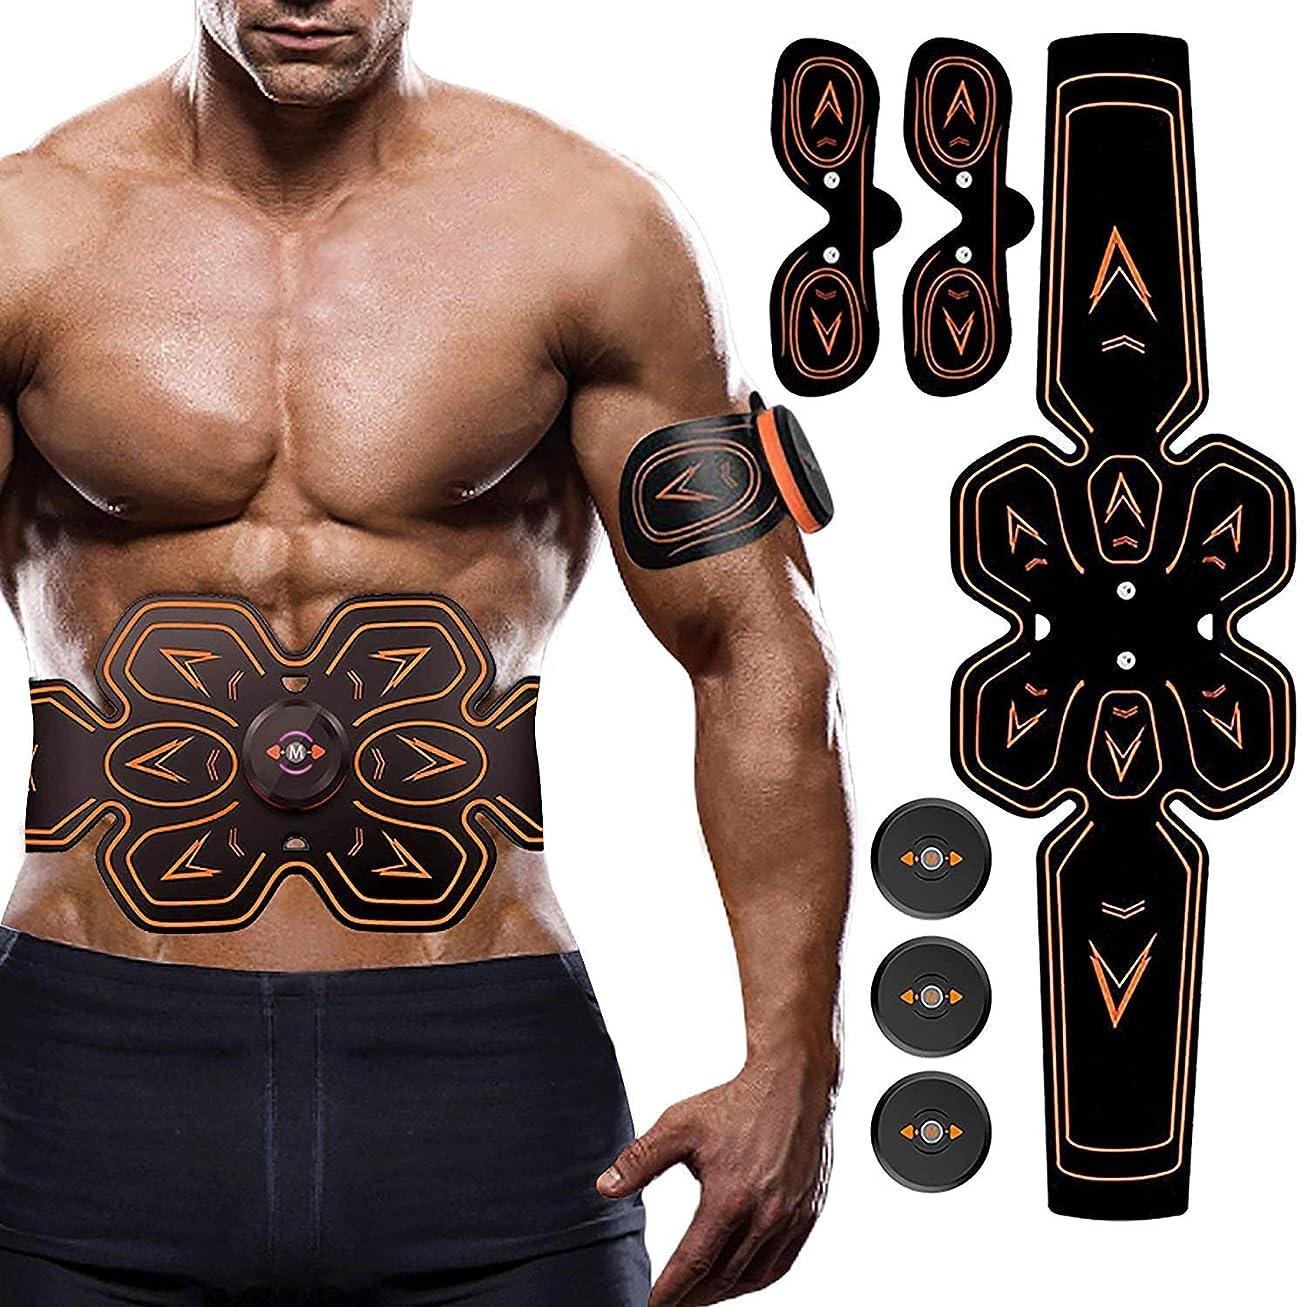 美しいもっと少なくアラビア語電気腹部筋肉刺激装置、ABSウエストトレーナーフィットネス減量体重減少マッサージャー用男性と女性の脂肪燃焼